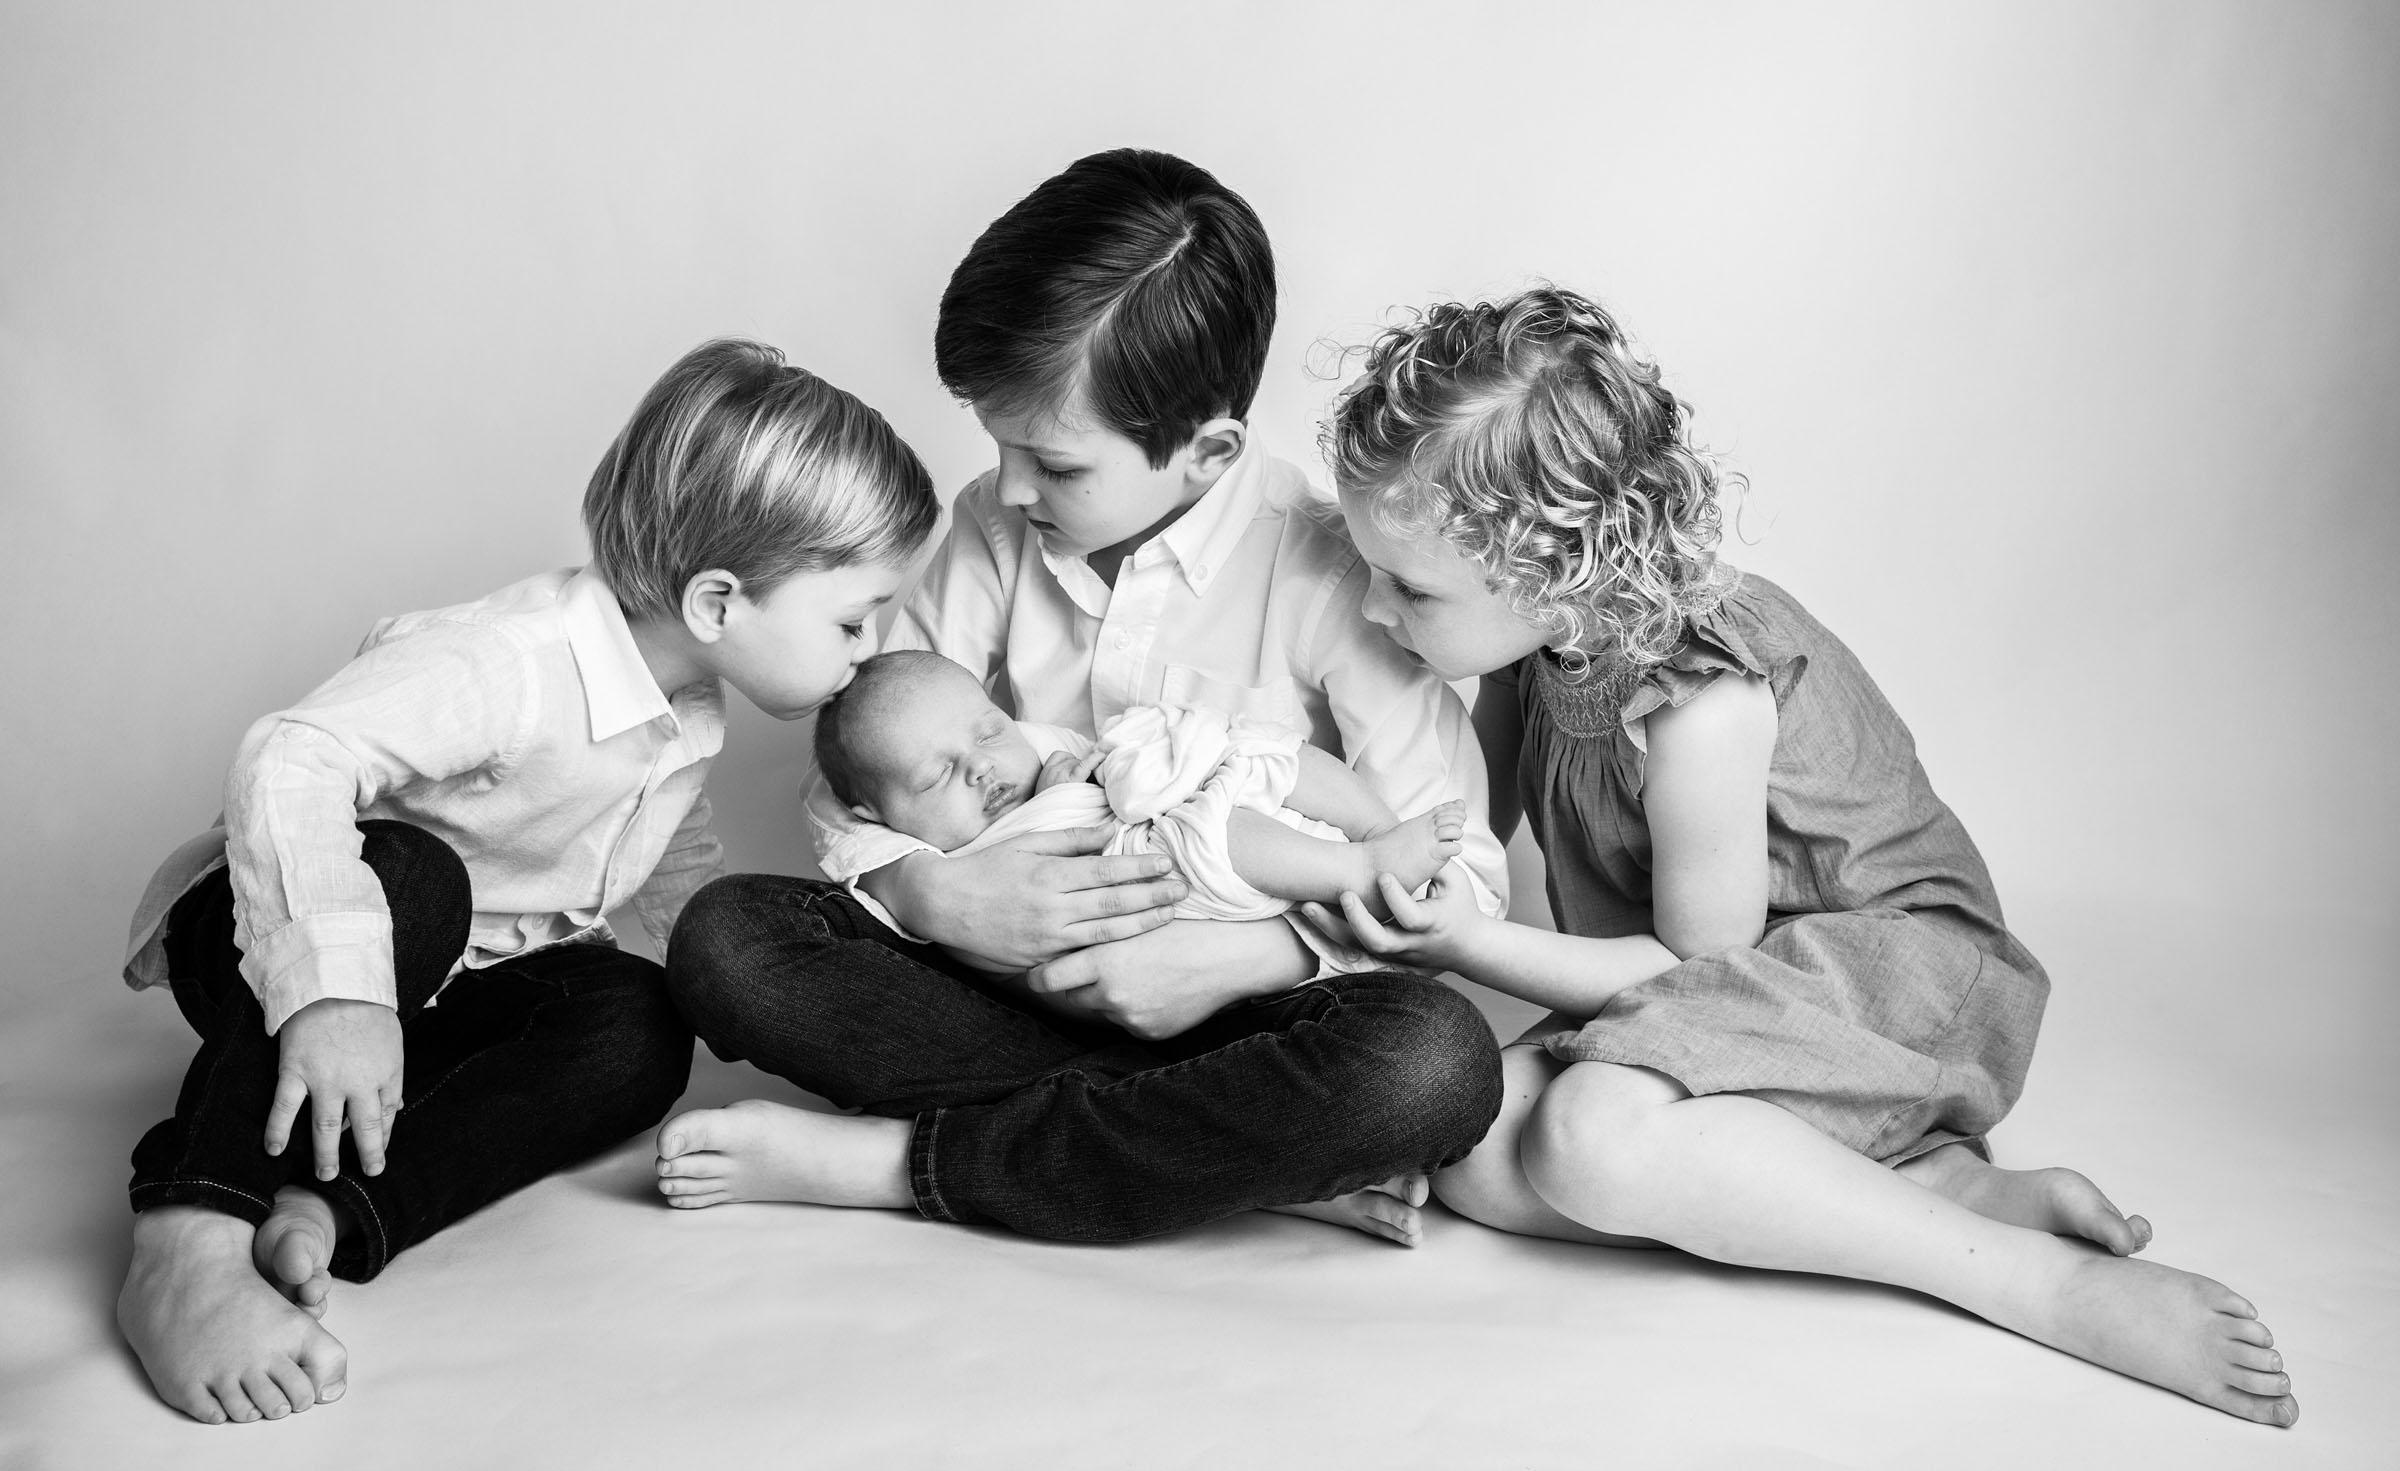 MOS Siblings and newborn